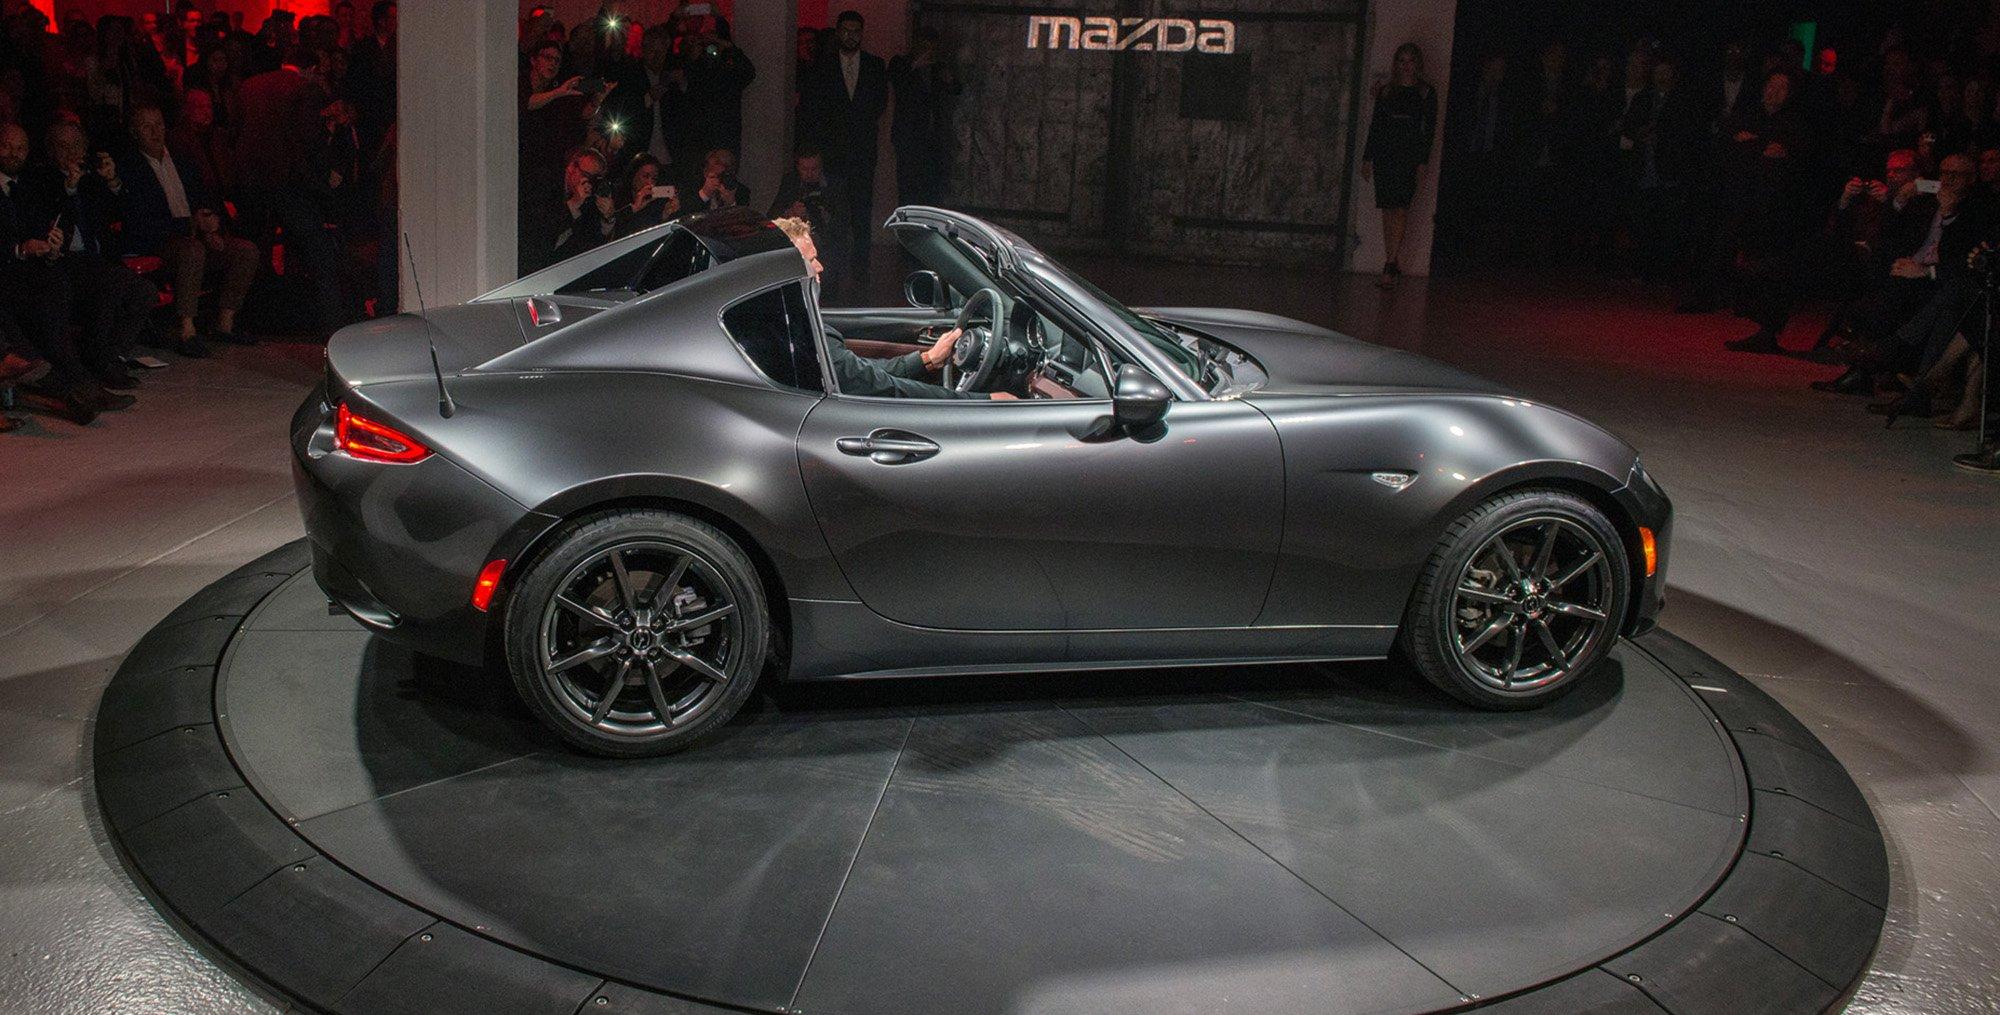 Mazda Mx 5 Rf Hardtop Revealed In New York Photos